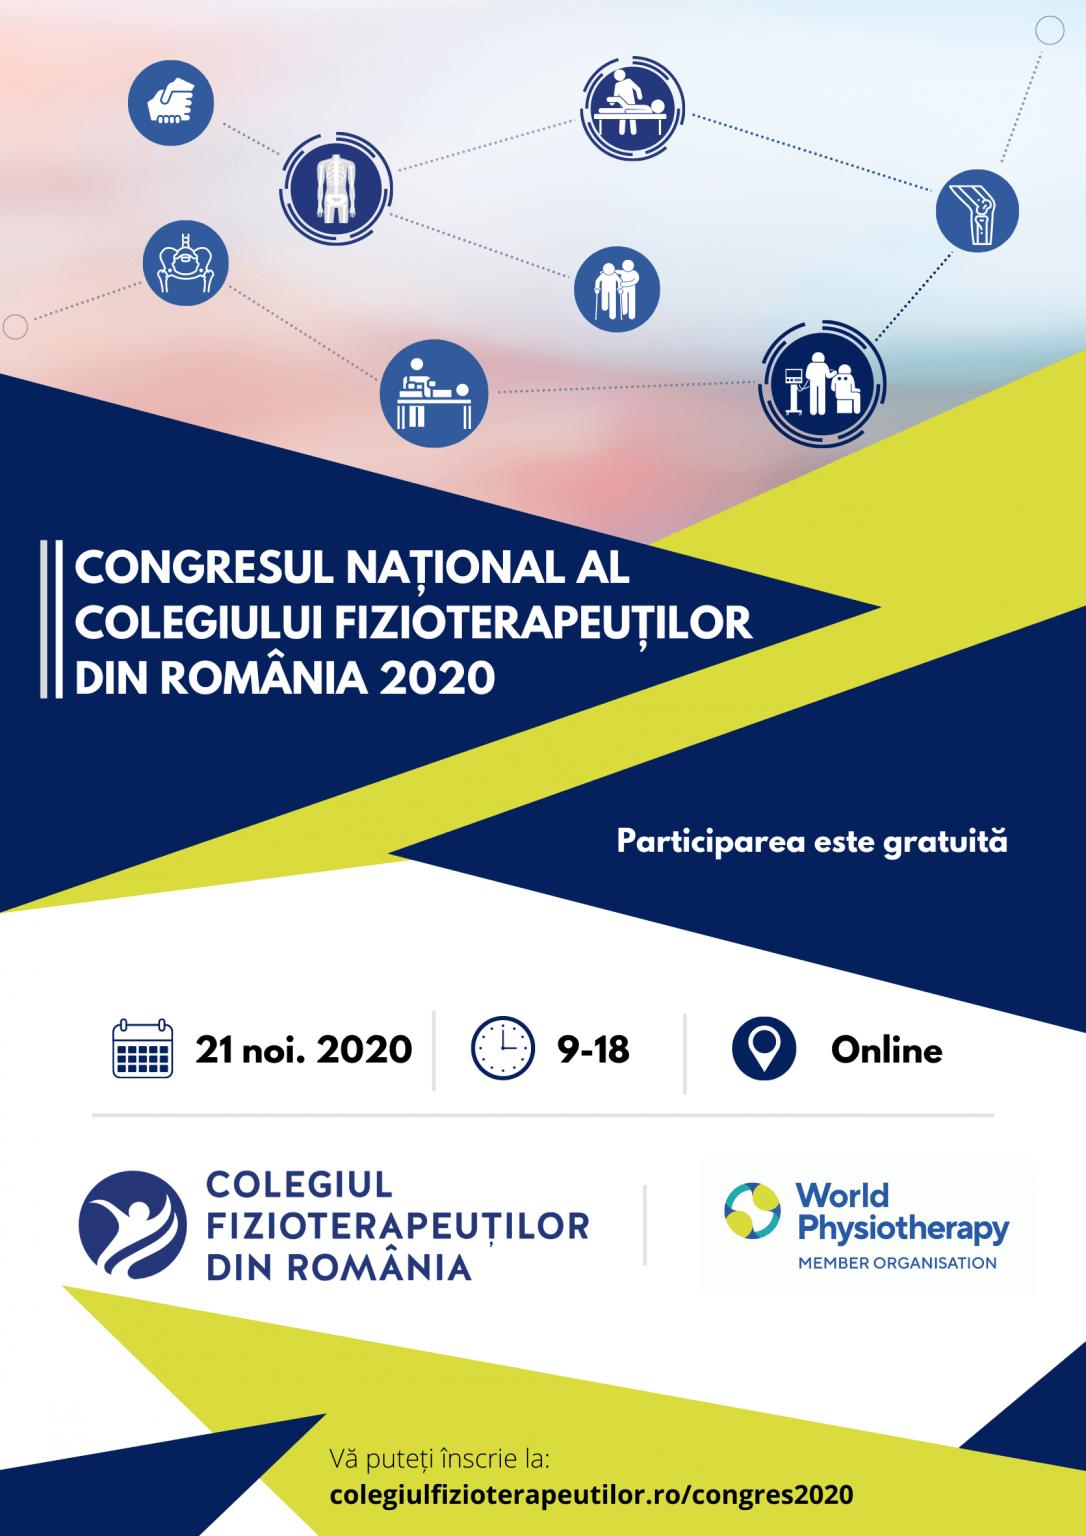 CONGRESUL NAȚIONAL AL CFZRO 2020